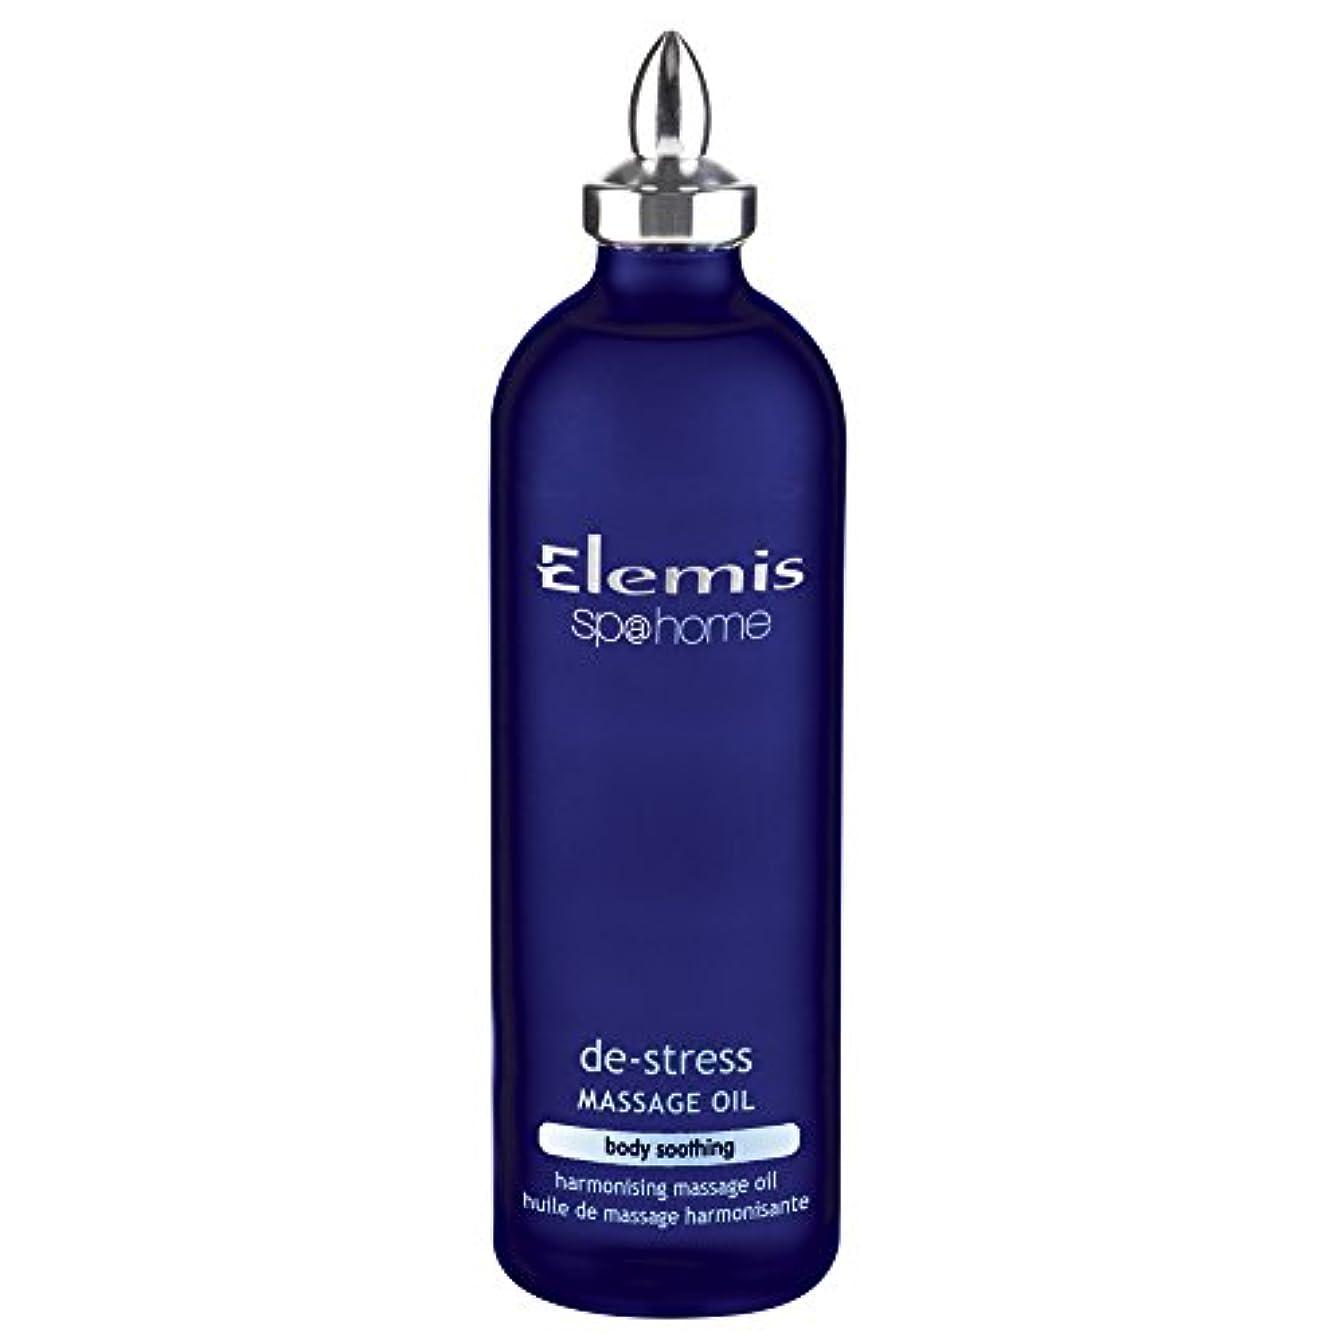 めんどり分解する下手エレミスストレス解消マッサージオイル100ミリリットル (Elemis) (x6) - Elemis De-Stress Massage Oil 100ml (Pack of 6) [並行輸入品]